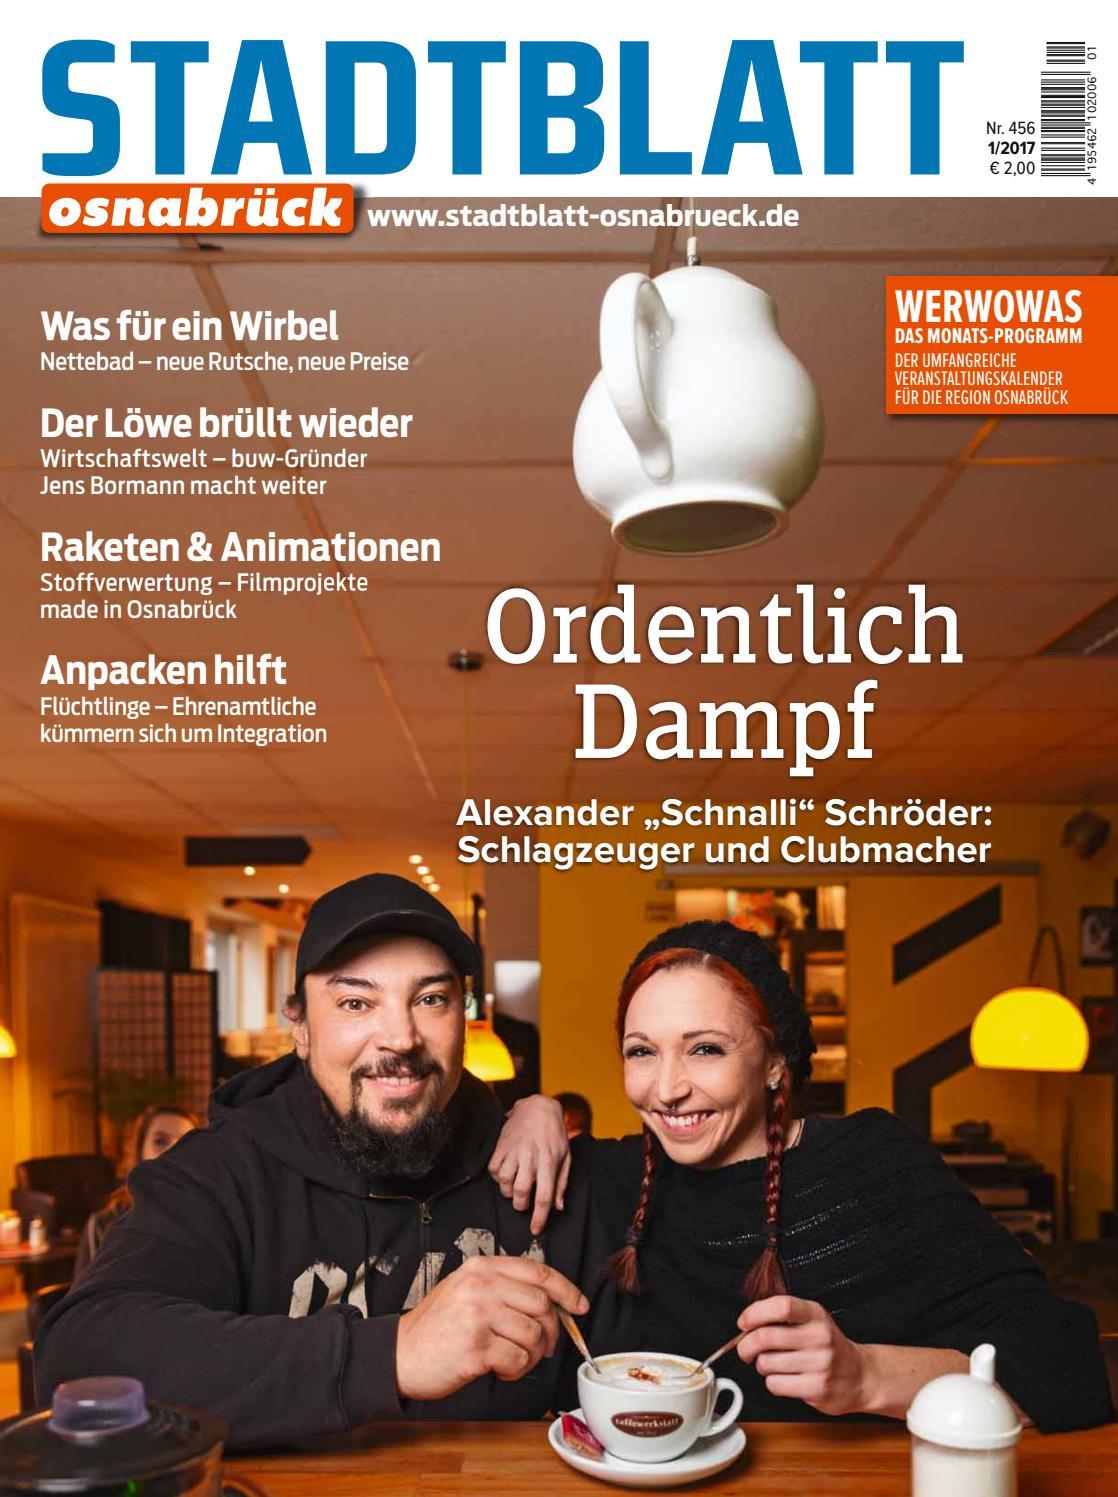 Stadtblatt 2017 01 by bvw werbeagentur - issuu